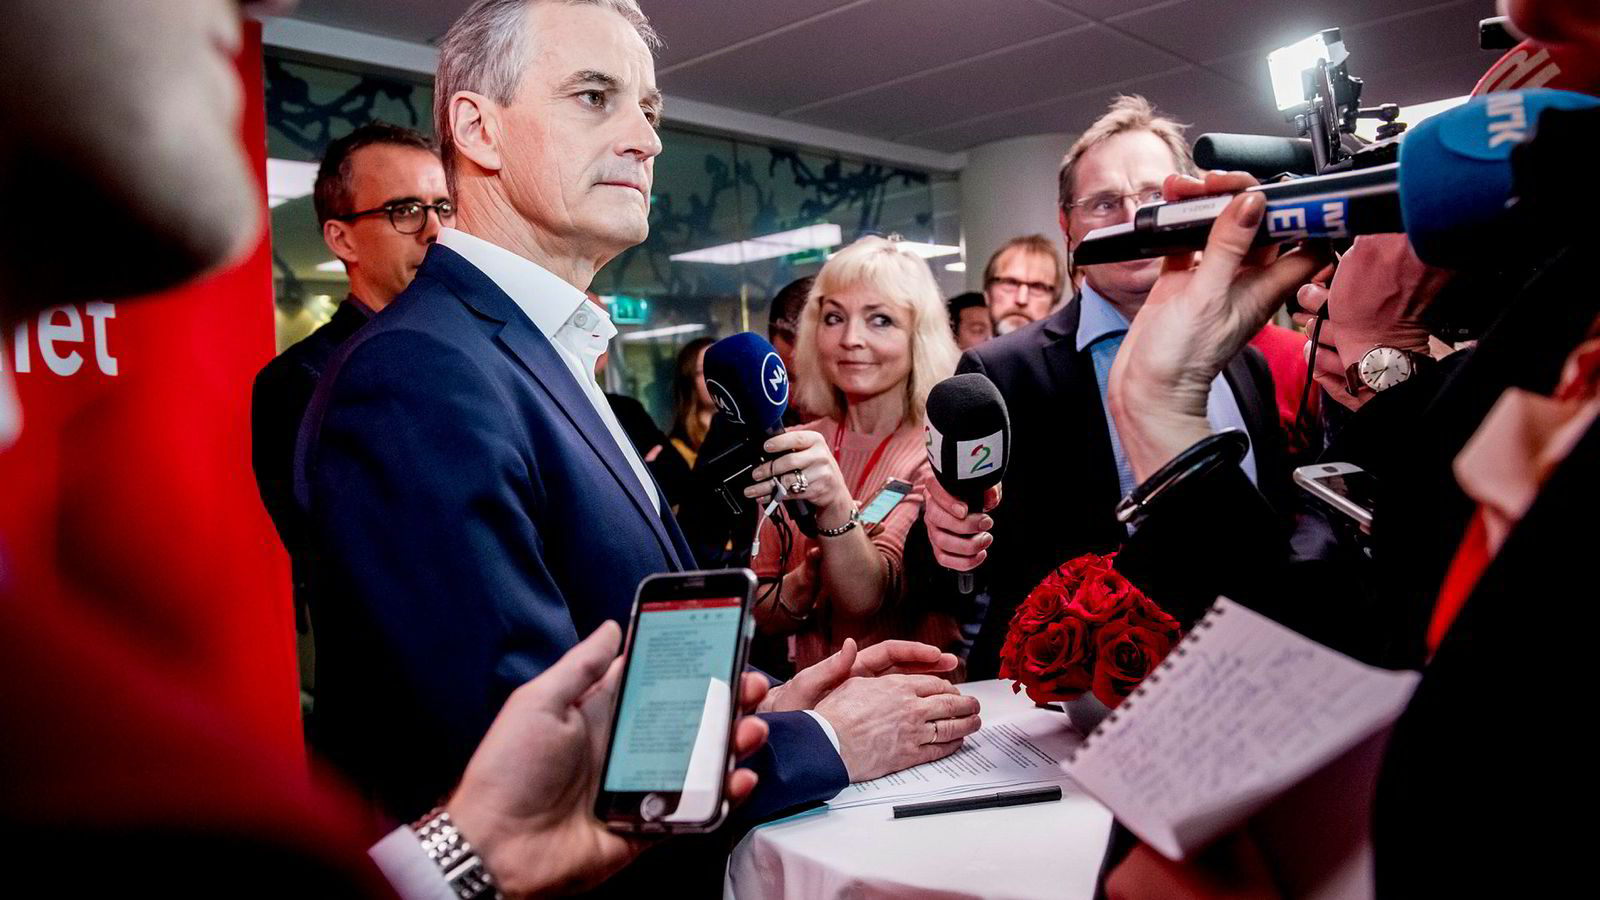 På Arbeiderpartiets landsmøte lørdag formiddag presenterte leder Jonas Gahr Støre snuoperasjonen om olje i LoVeSe.